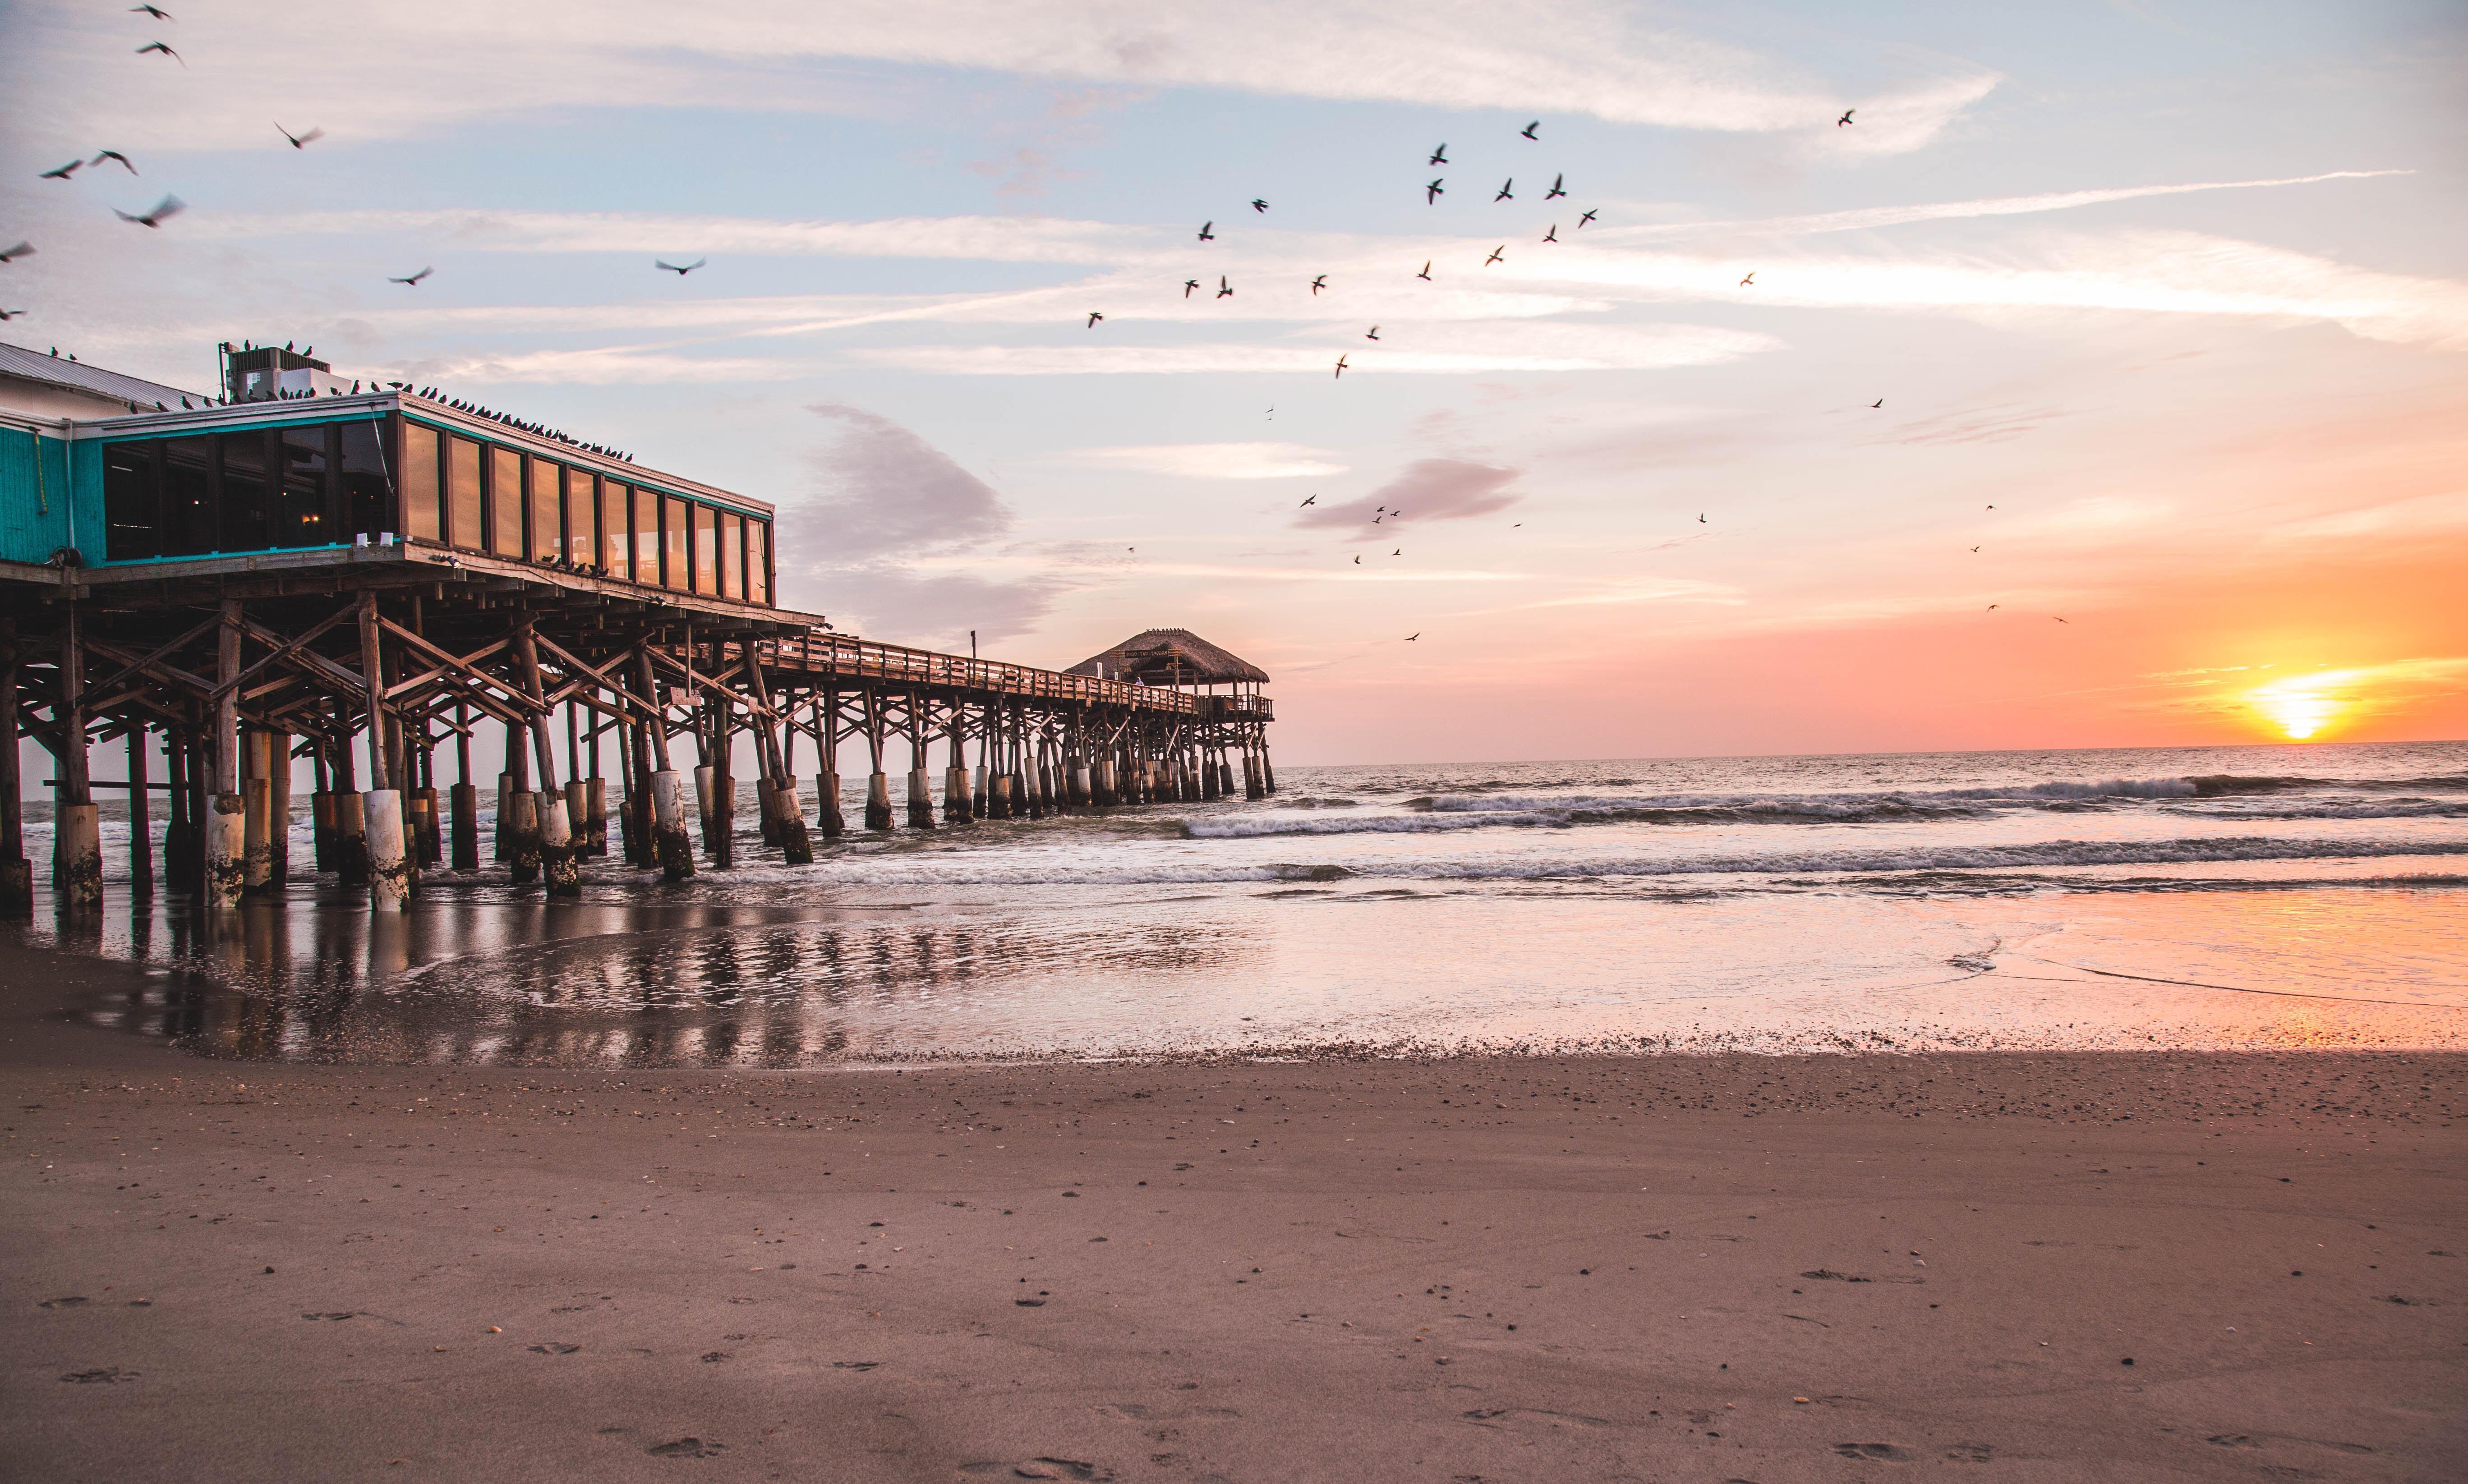 cocoa beach photography of the cocoa beach pier